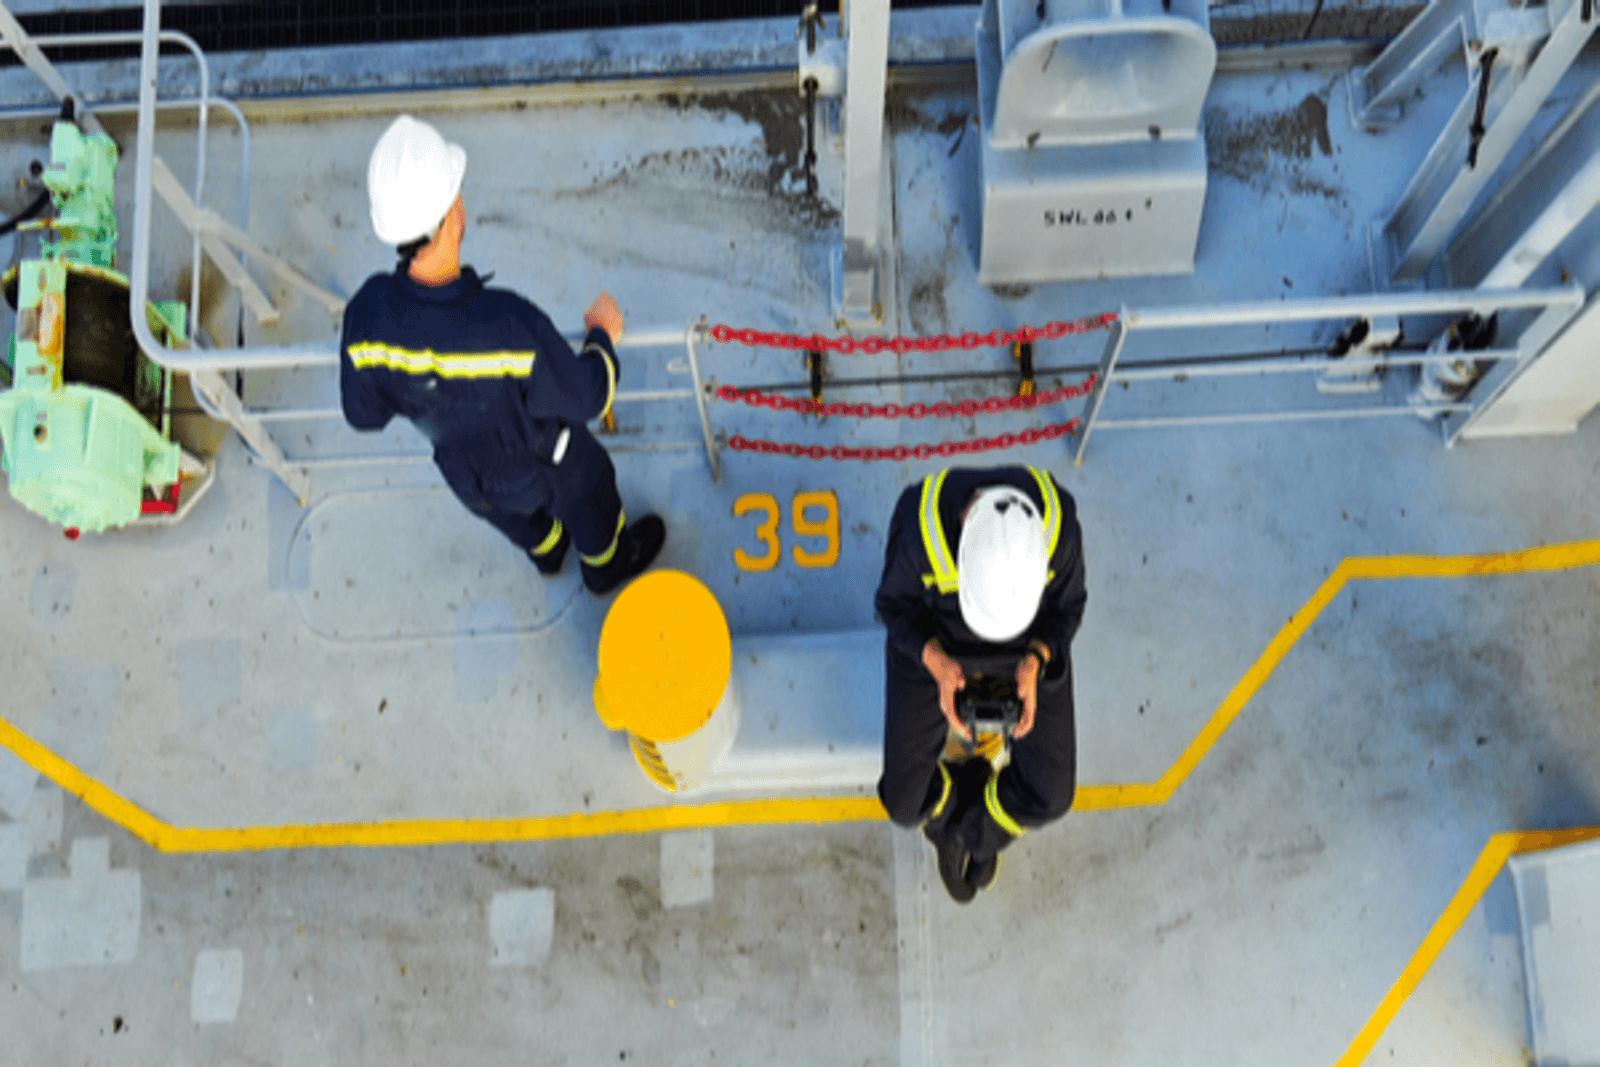 Chile permits crew change despite border closure extension